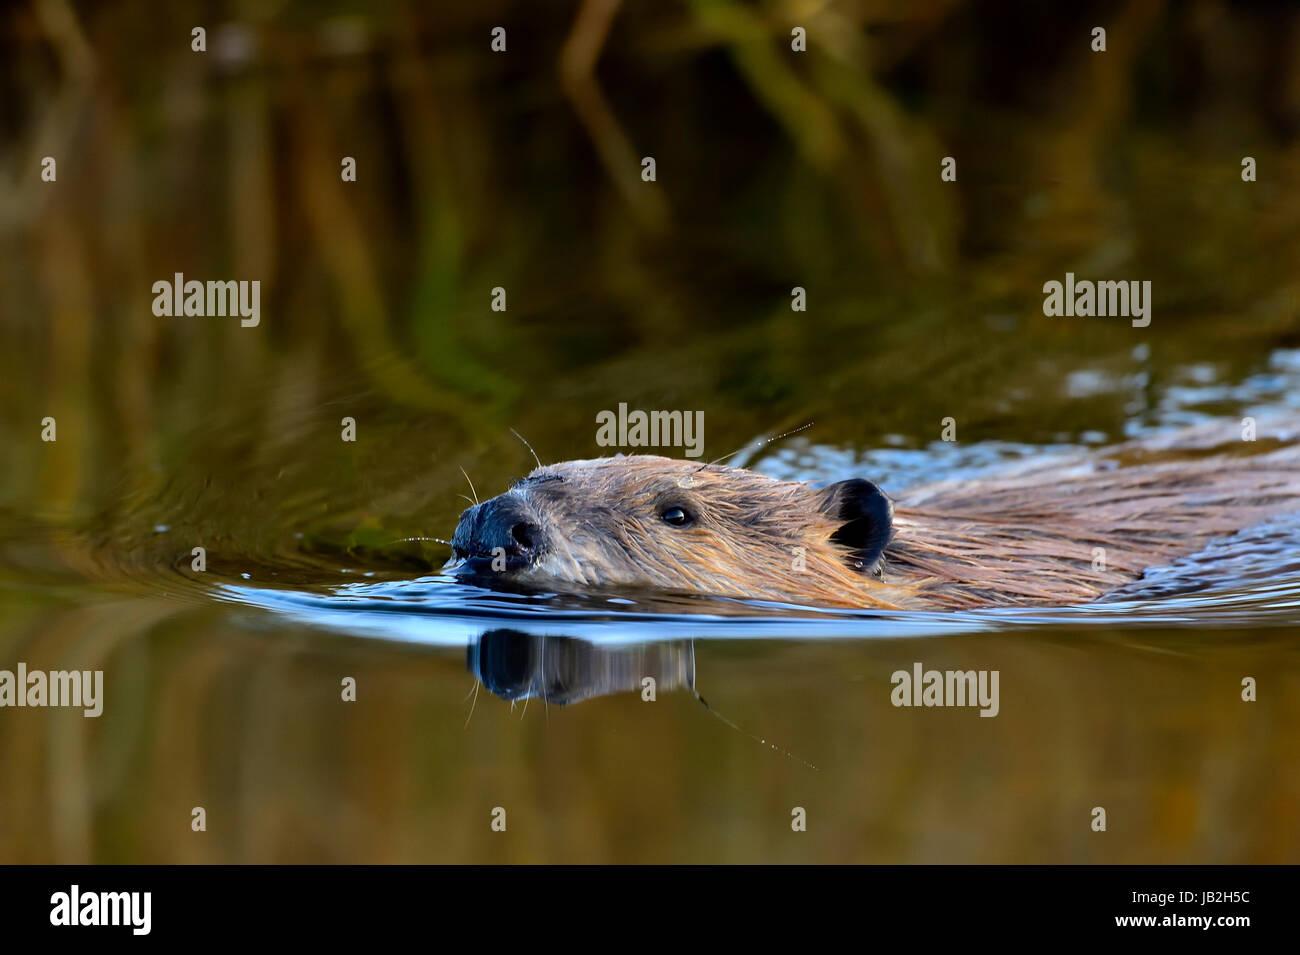 Una chiusura inage di un selvaggio castoro (Castor canadensis) nuotare attraverso le acque calme del suo stagno Immagini Stock